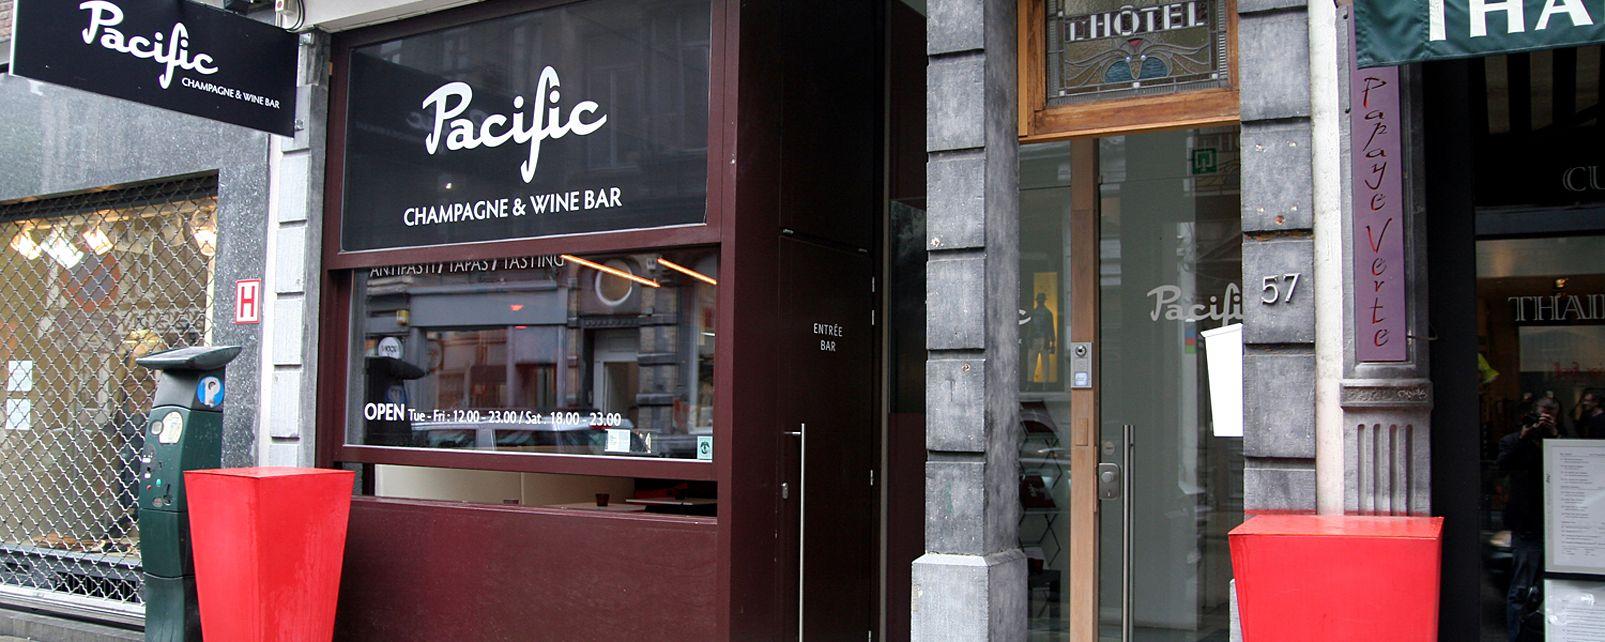 Hôtel Café Pacific